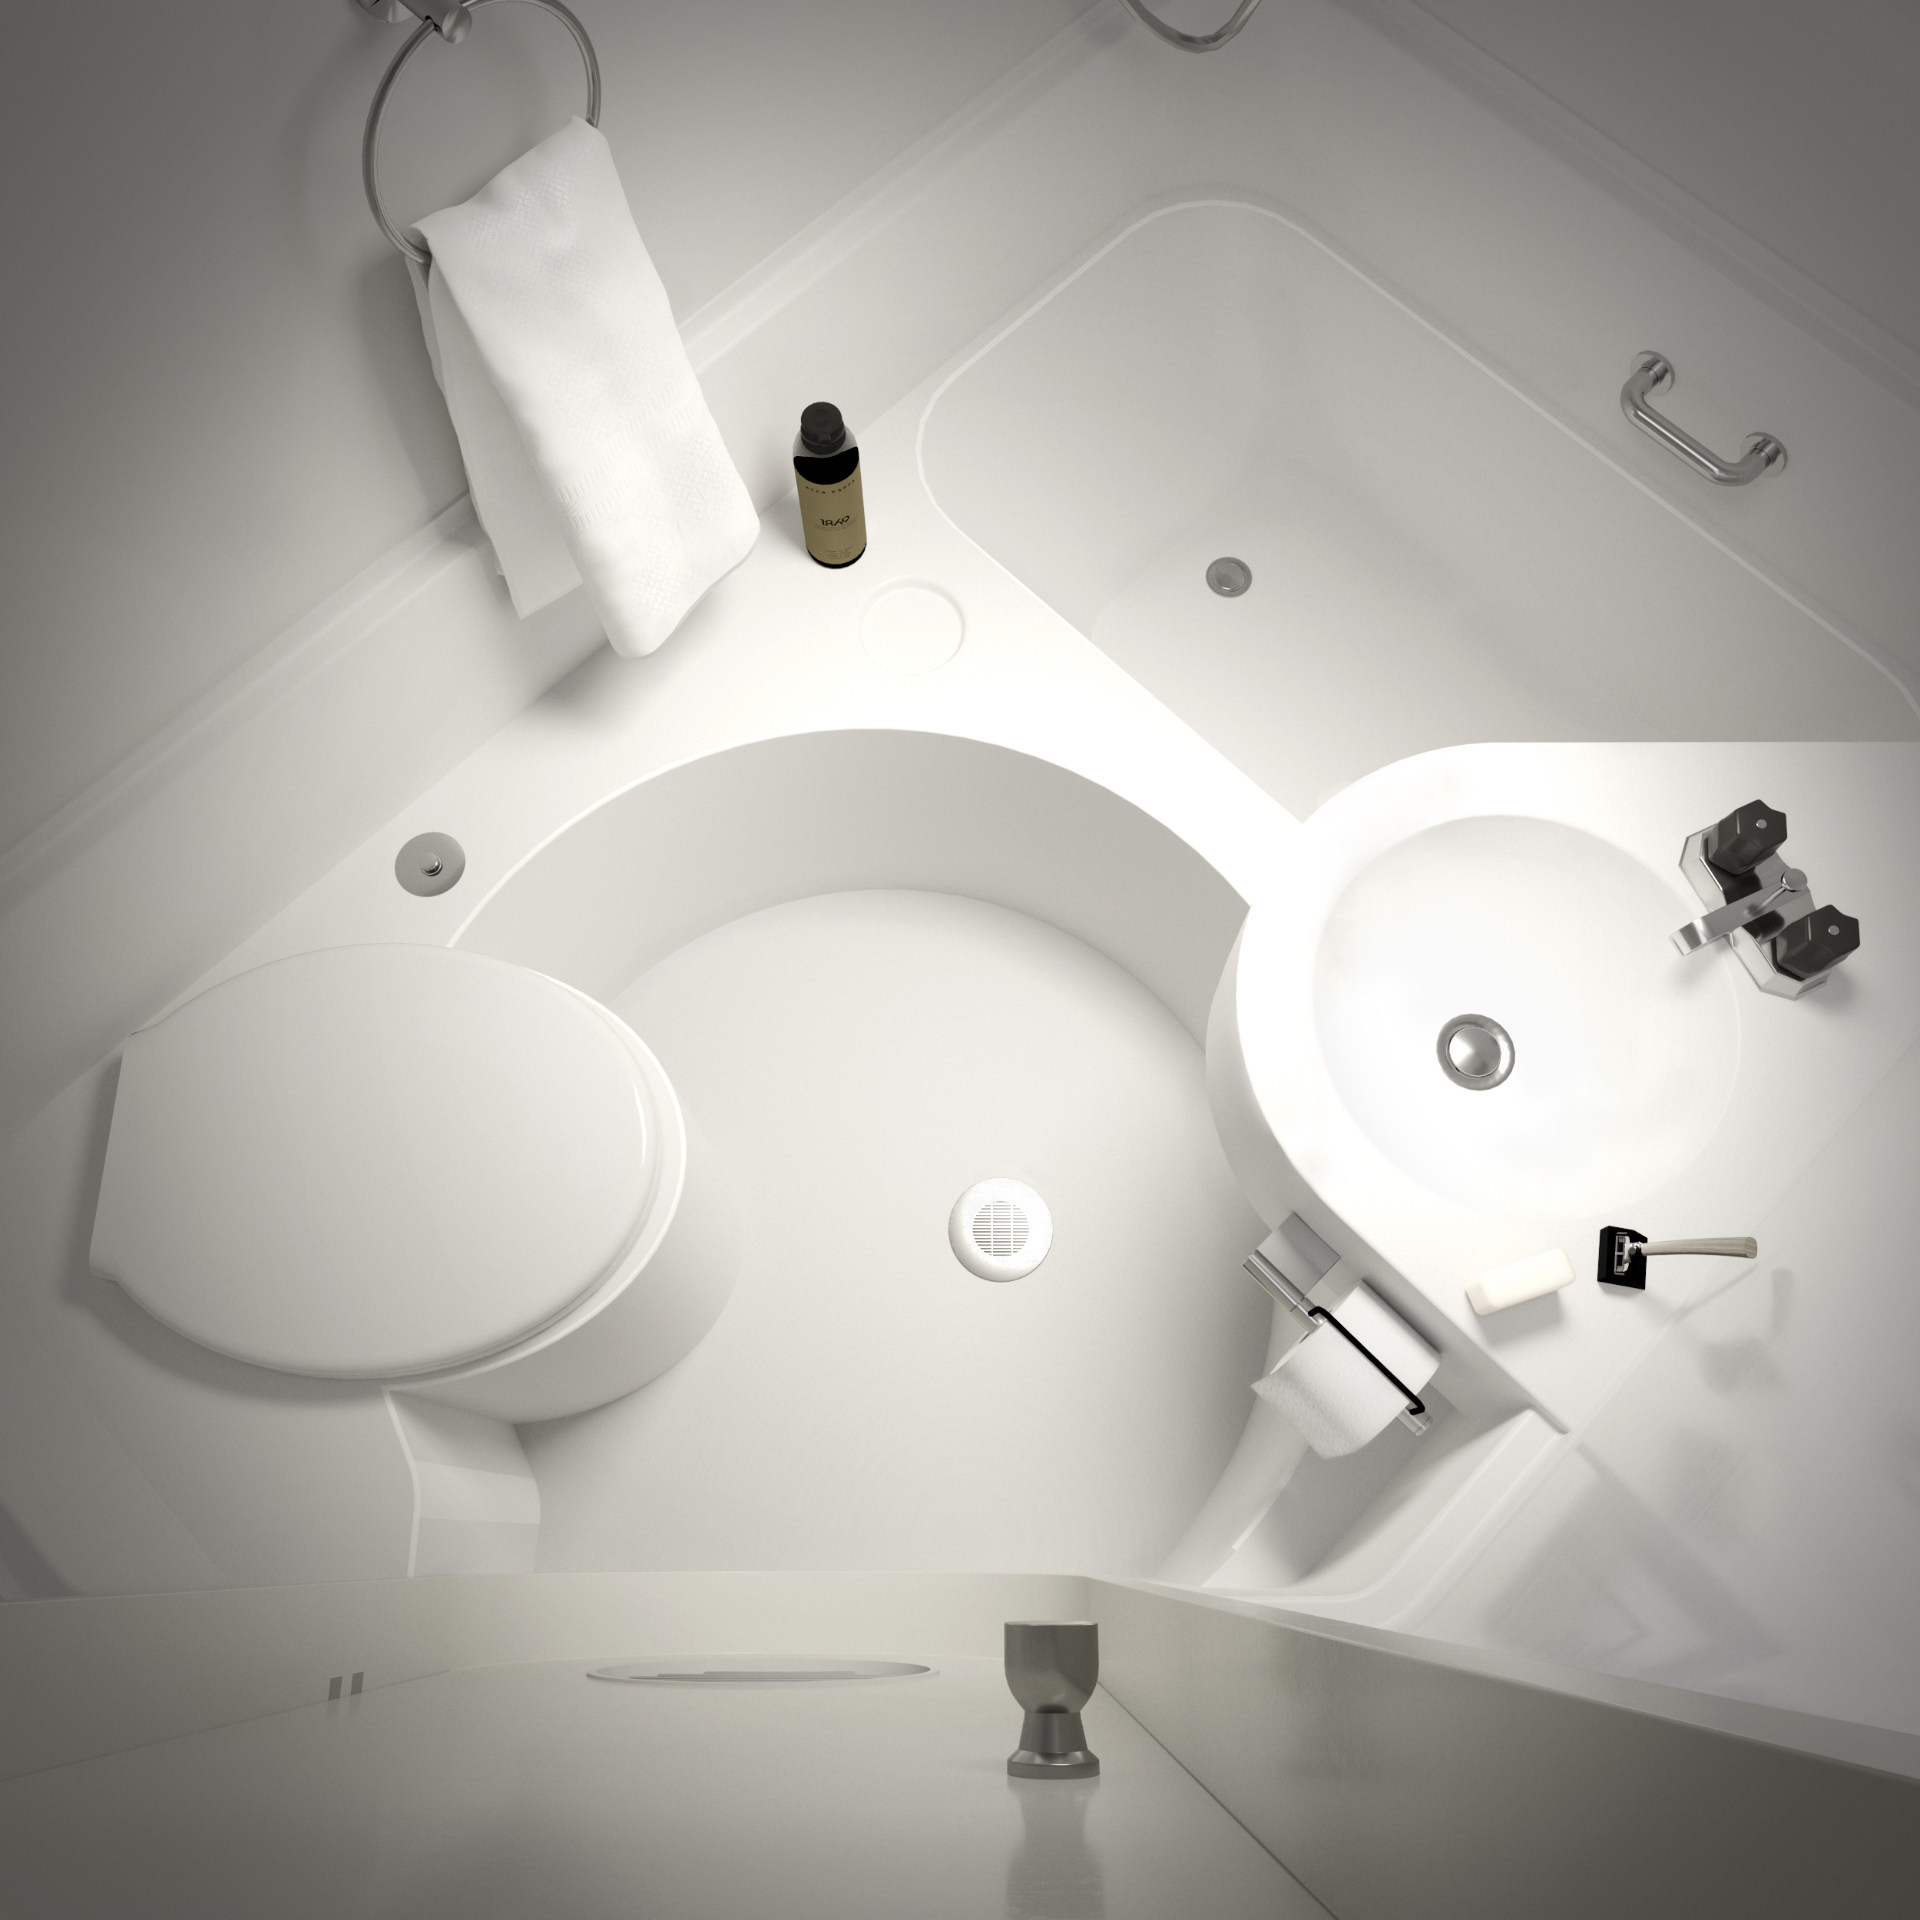 Nakagin Capsule - wizualizacja 3D prezentujące łazienkę kapsułowego hotelu